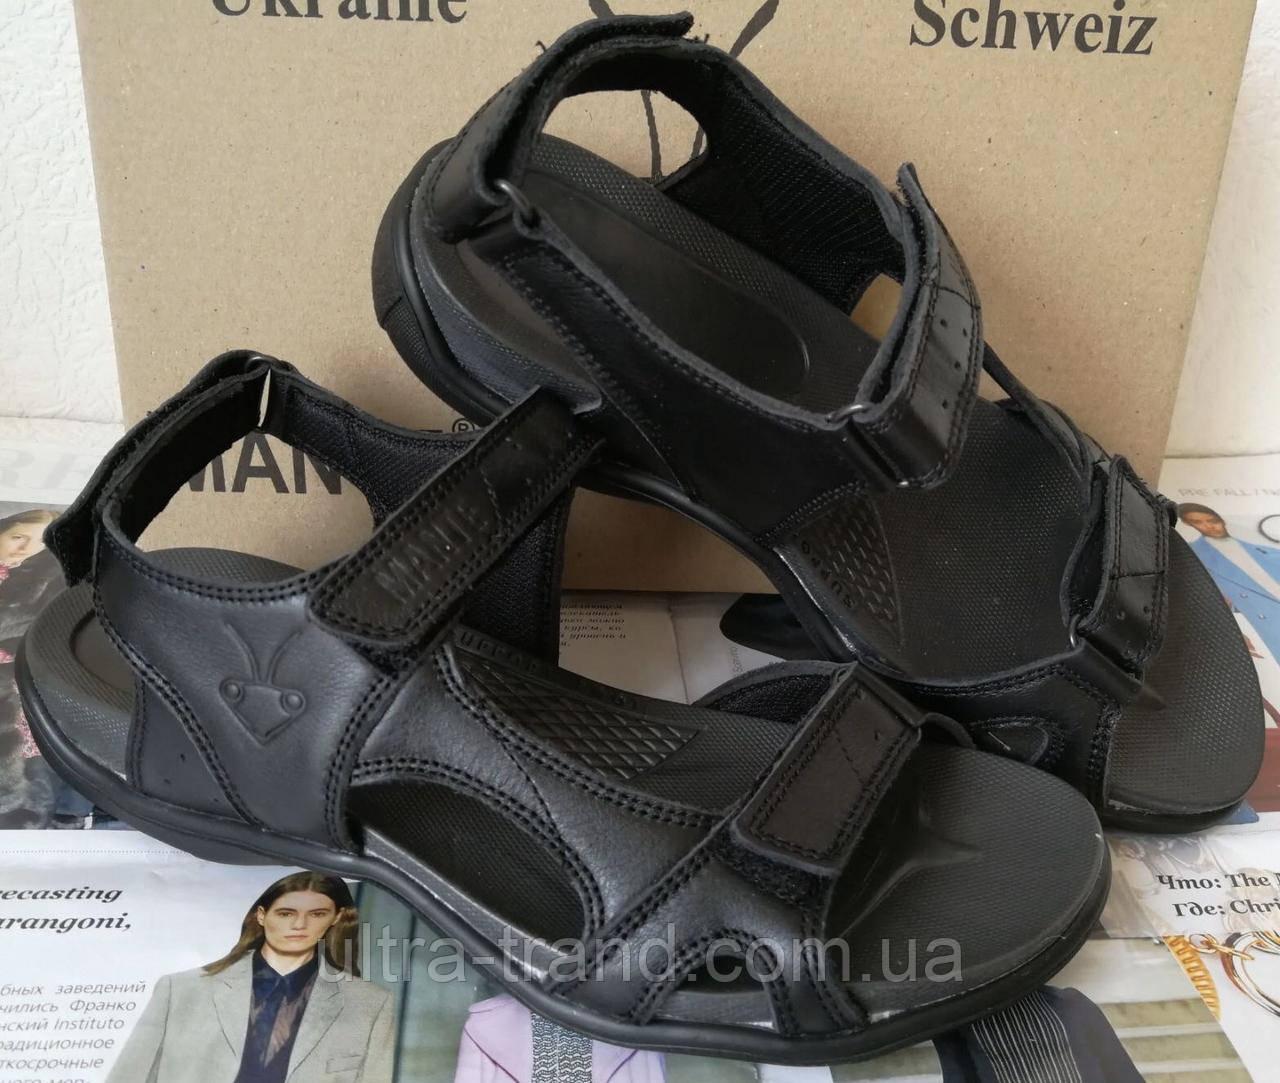 Манте xbiom Супер! Женские сандалии летние из натуральной кожи босоножки черного цвета